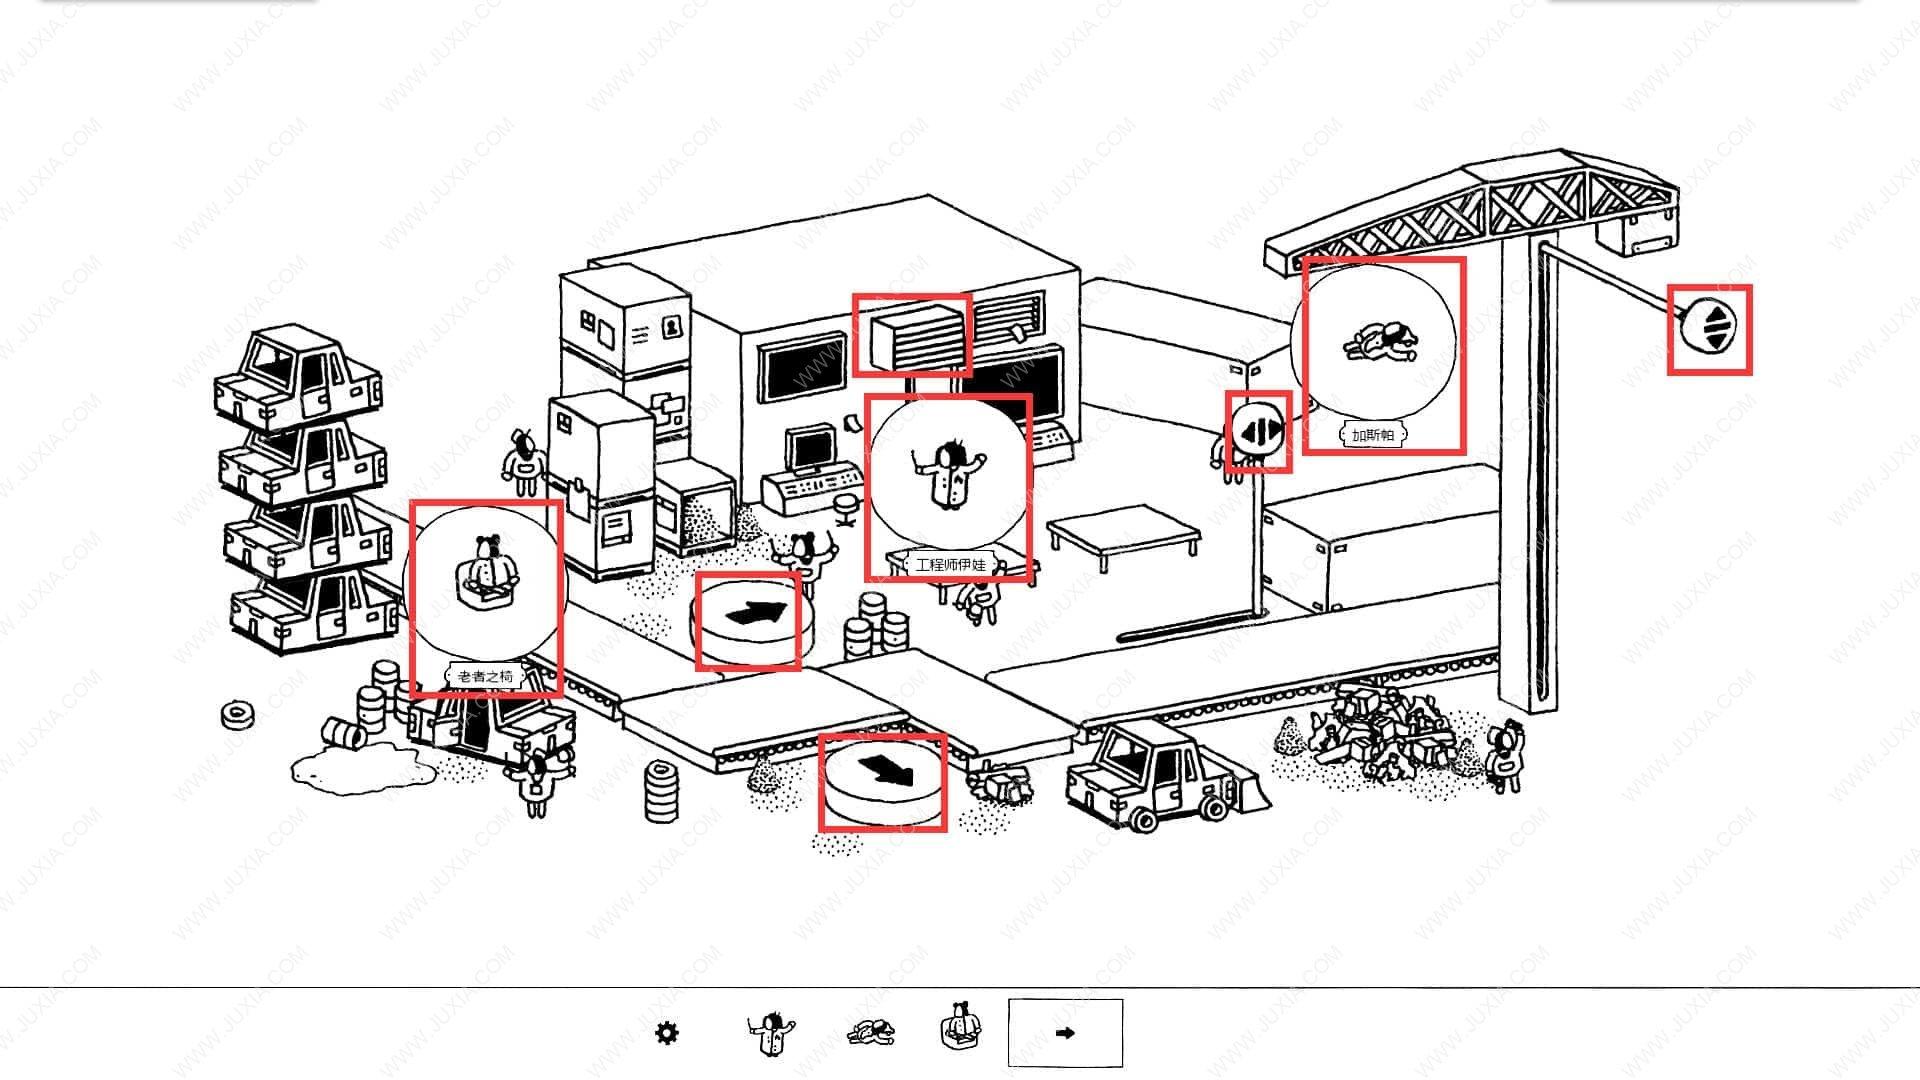 隐藏的家伙工厂3攻略 HiddenFolks图文攻略工厂第三关